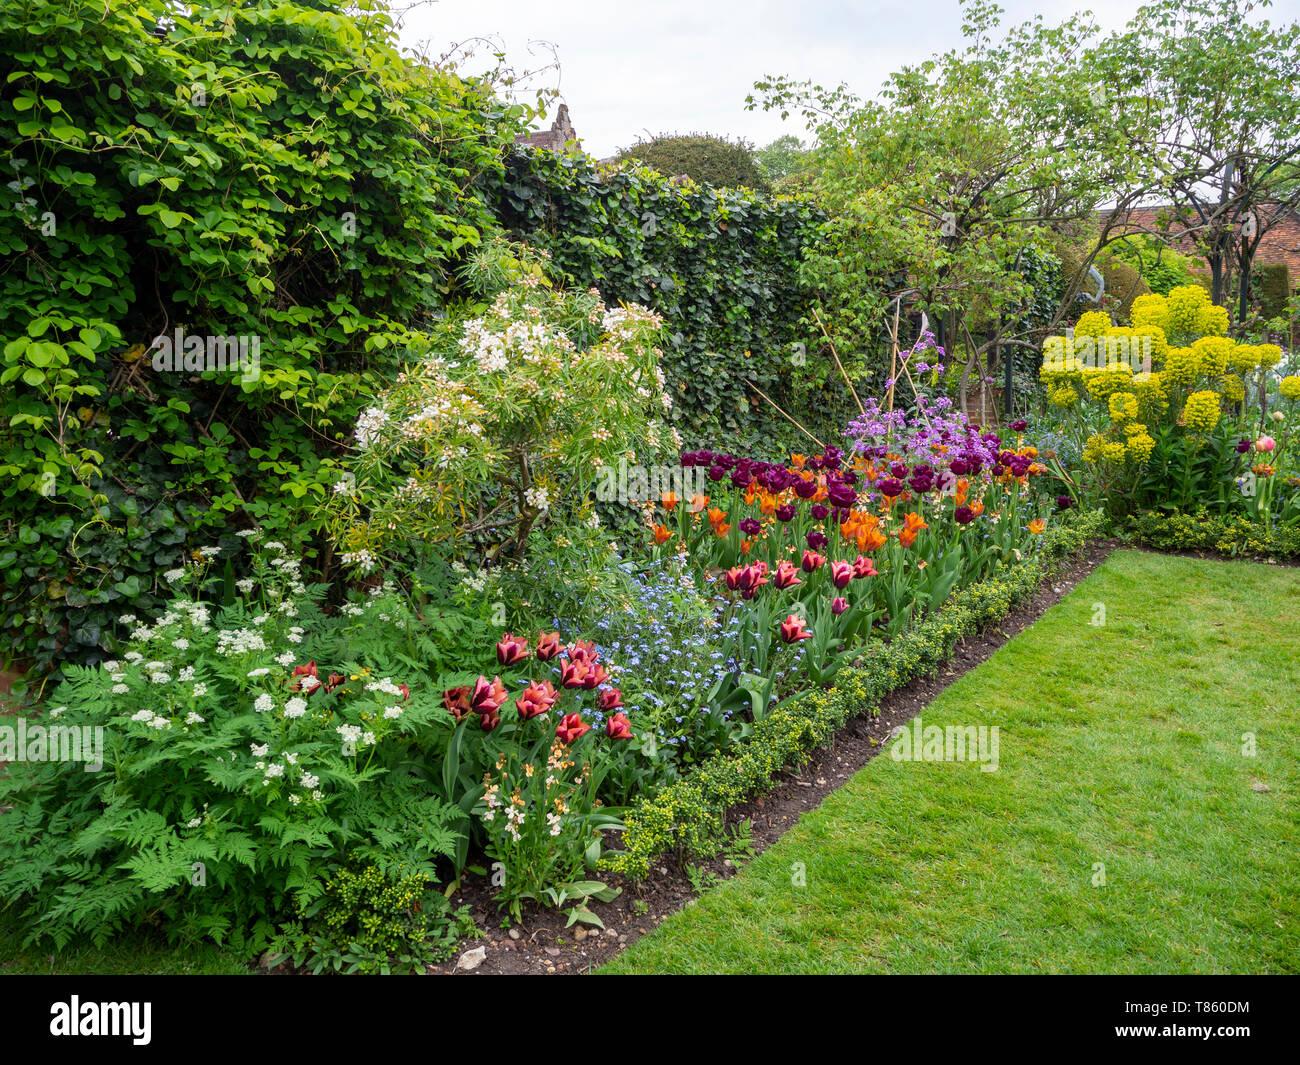 Chenies Manor giardini a prato e confini dello stabilimento ai primi di maggio. Choisya e varietà di tulip dall'akebia ed edera trellis. Foto Stock